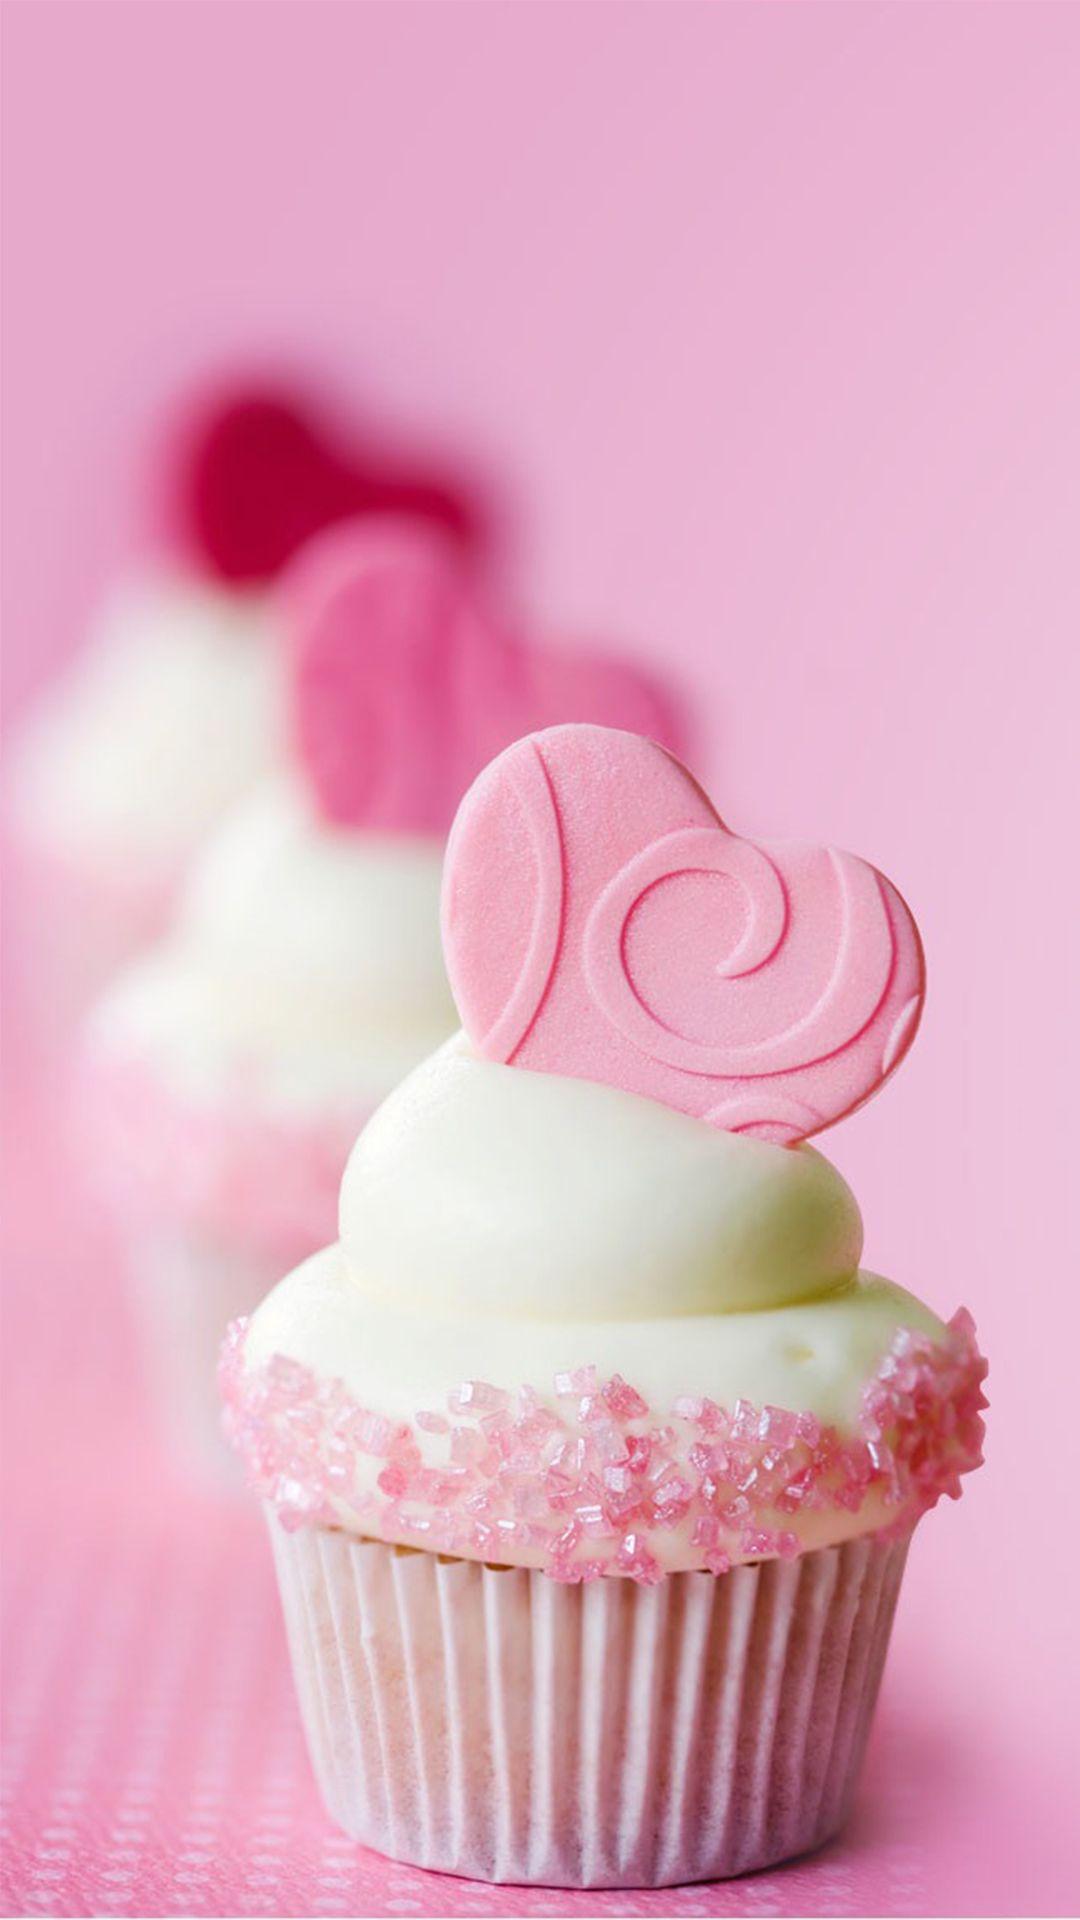 最高の壁紙 一番欲しい カップ ケーキ 壁紙 Valentines Cupcakes Desserts Valentines Food